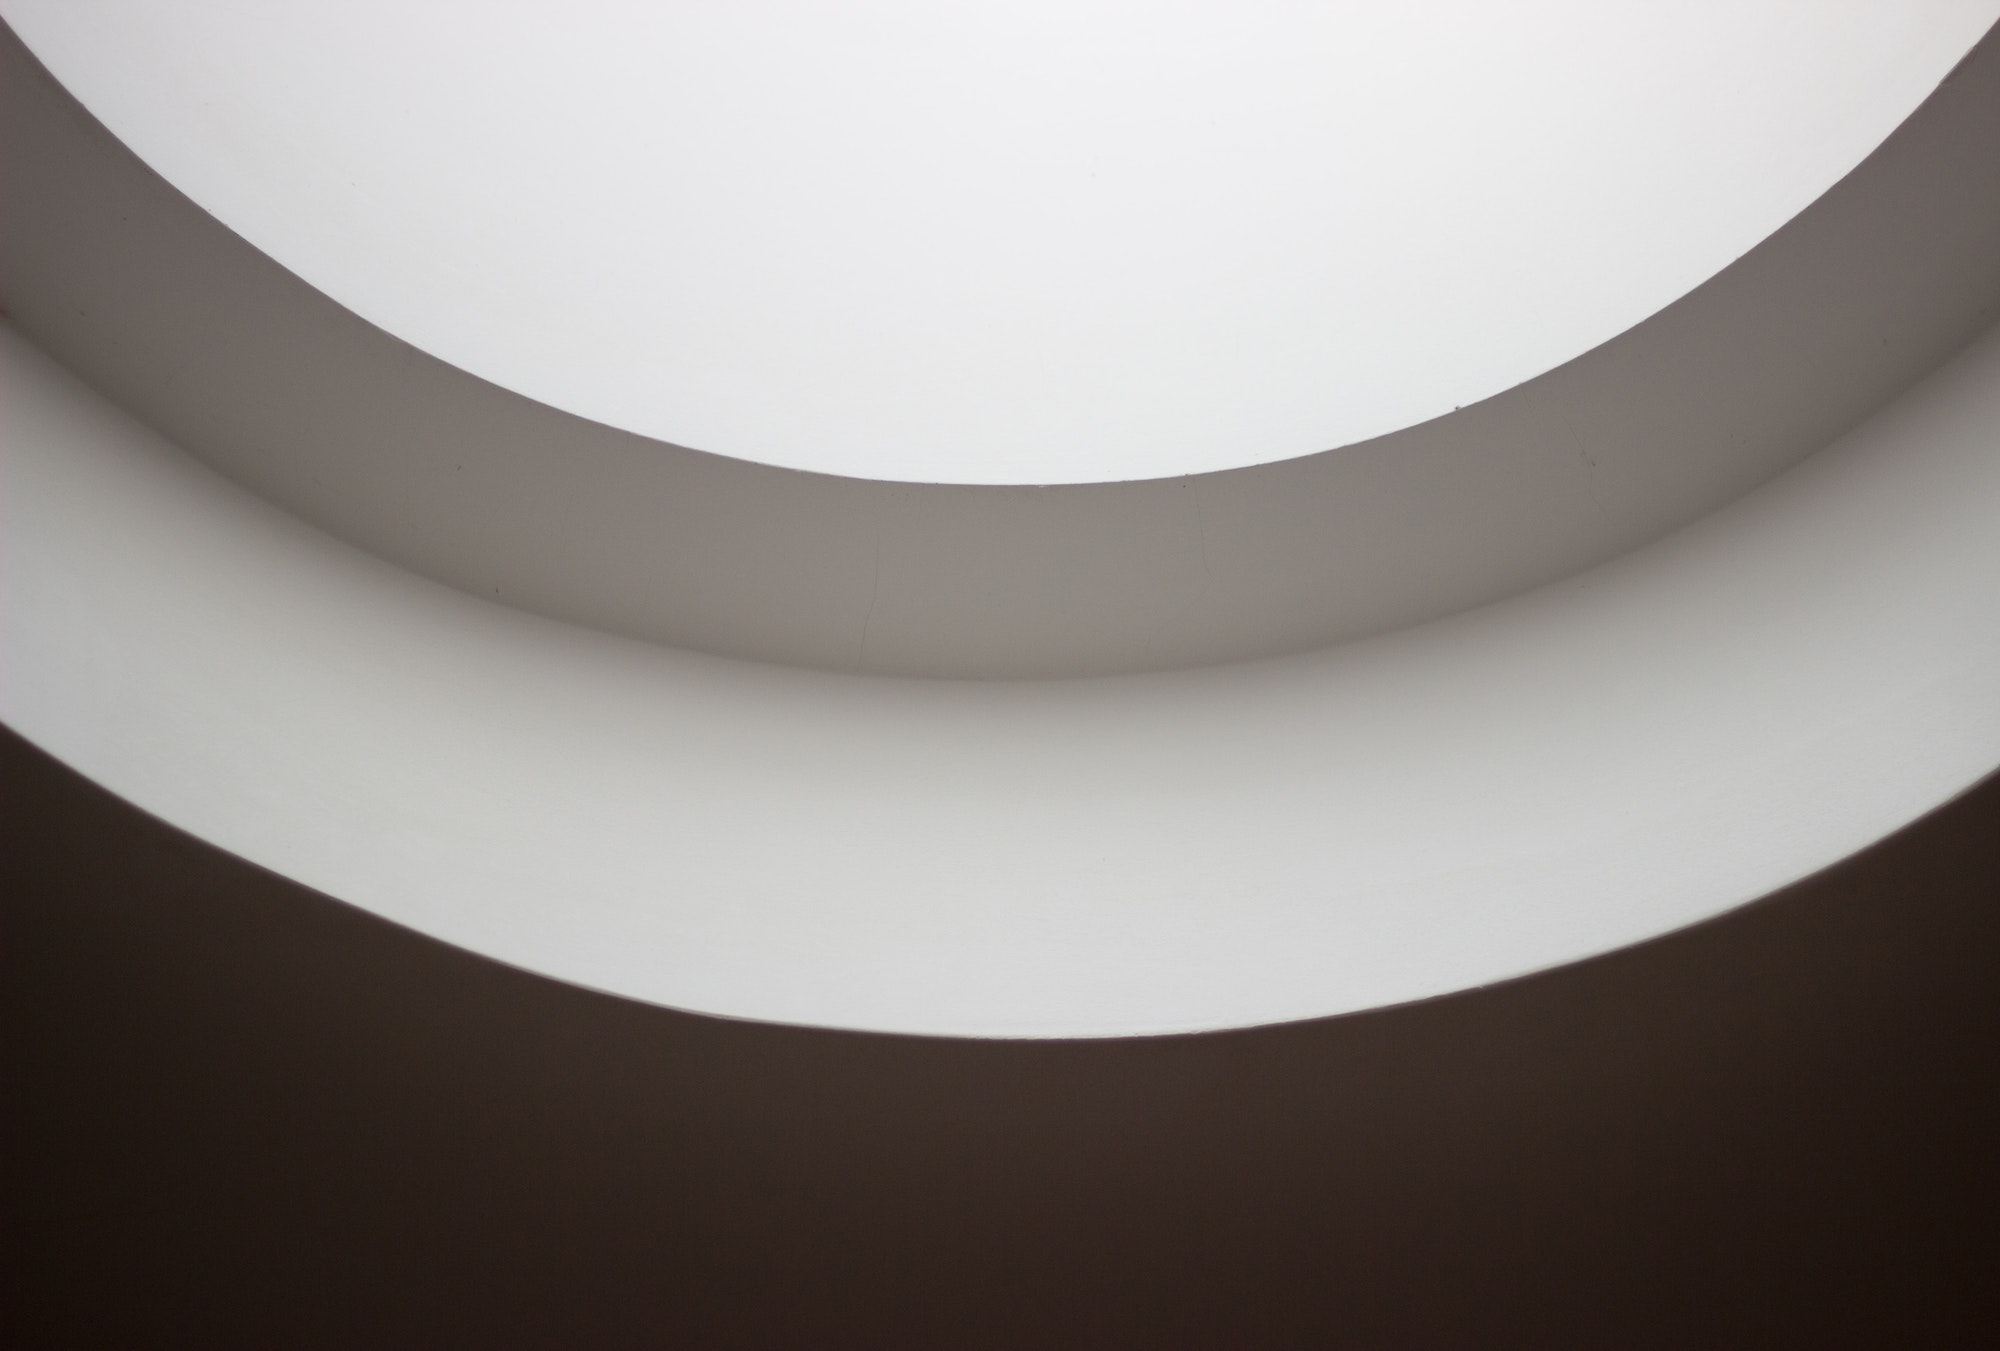 Hvidt loft i bygning